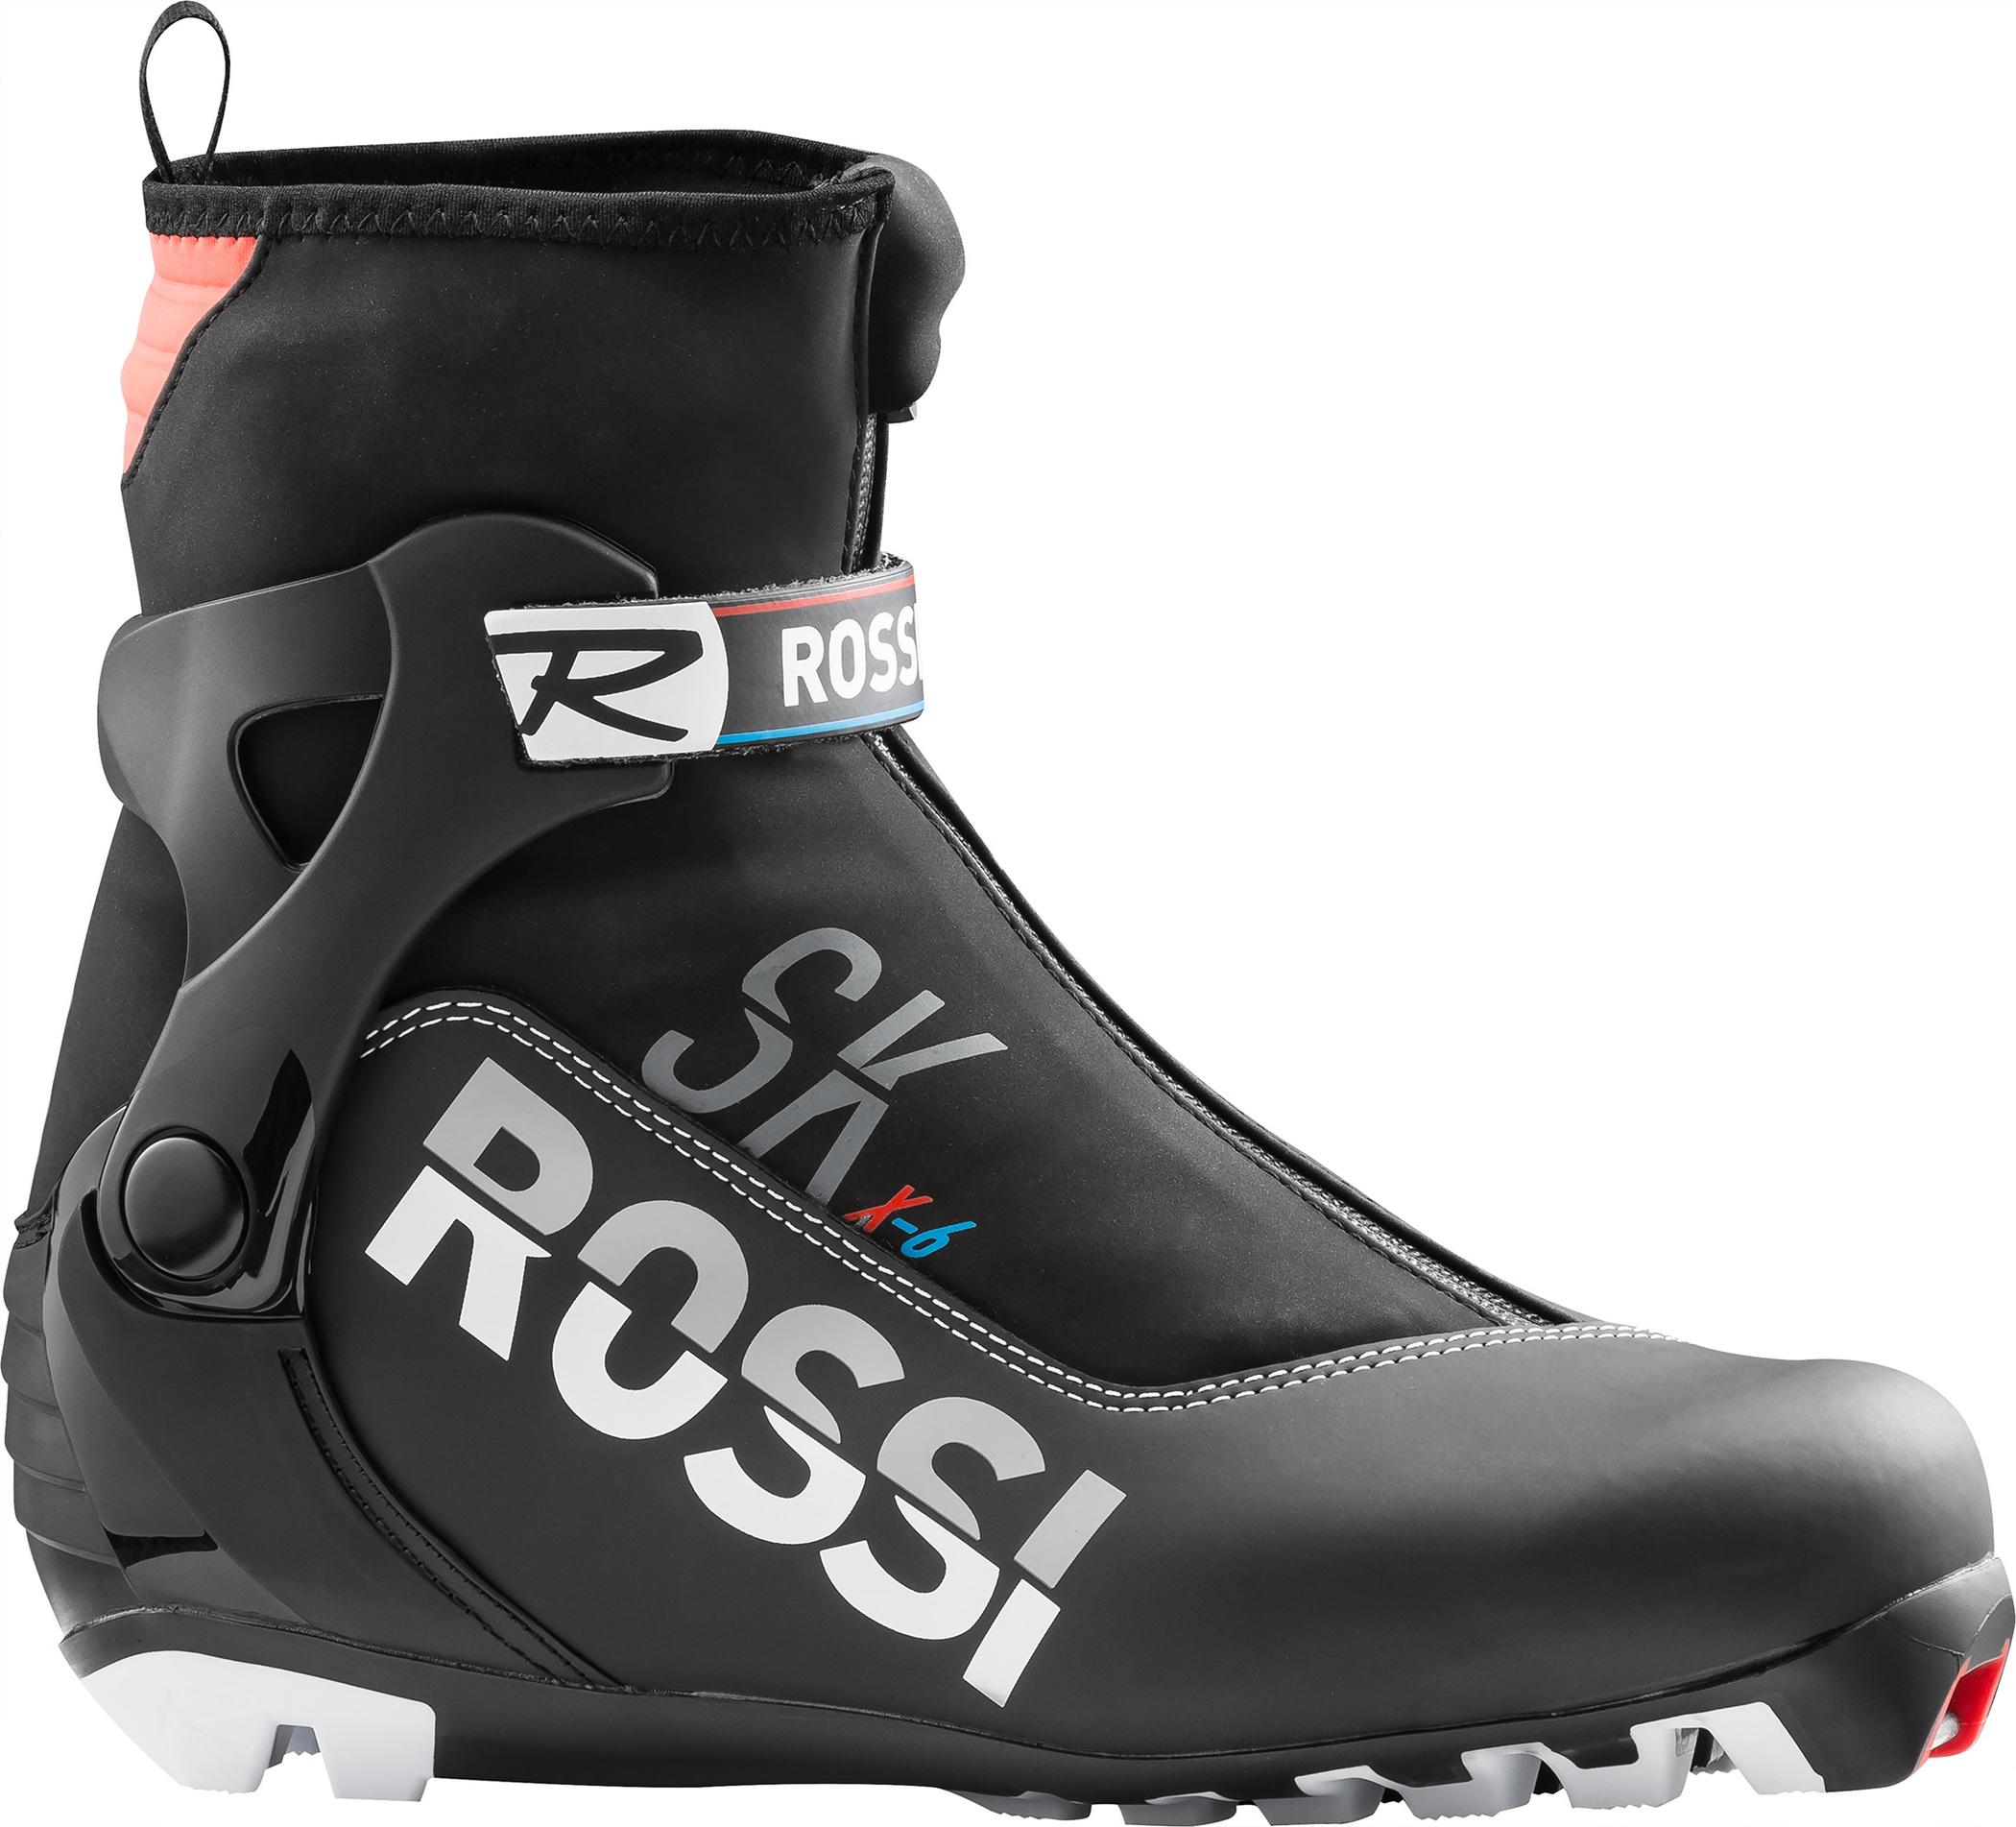 Boty na běžky Rossignol X-6 Skate - Ski a Bike Centrum Radotín 55dc61e7d3